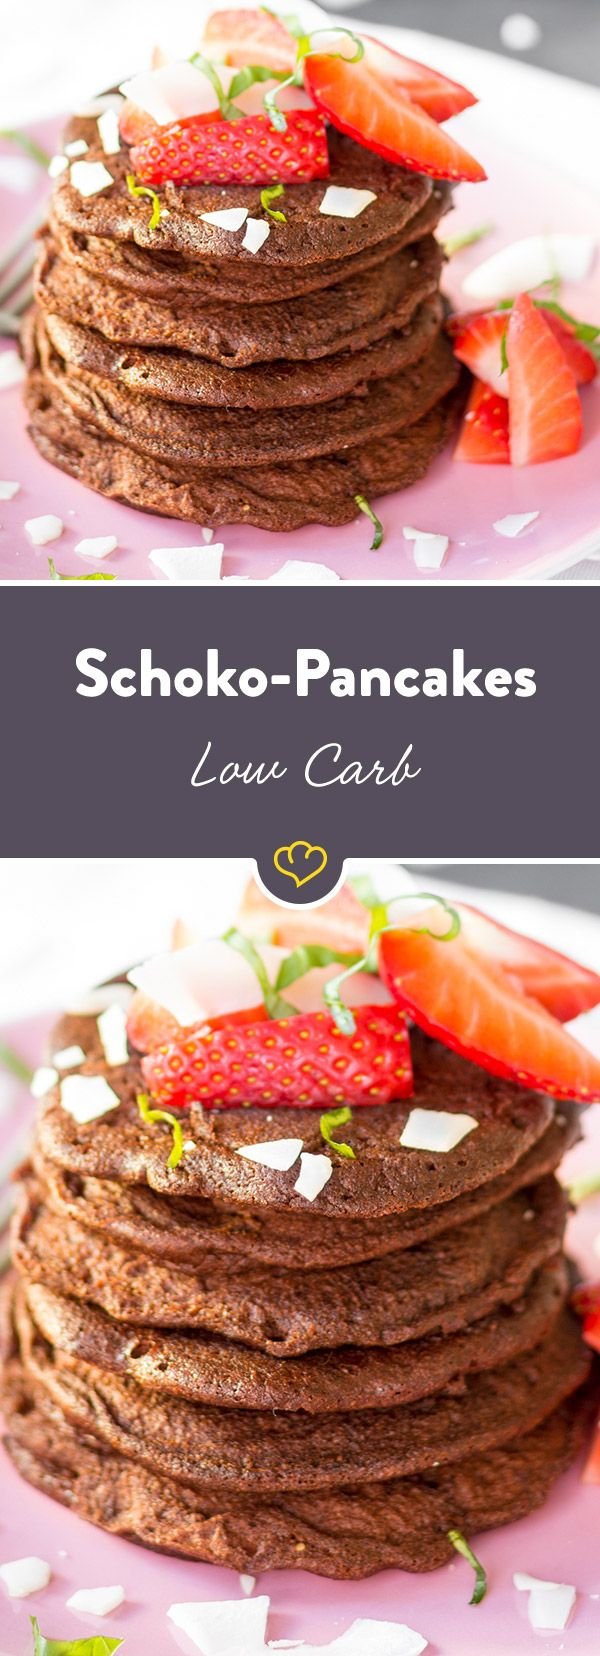 Doppelt Schokolade, doppelt lecker und doppelt leicht. Dieser Pancake erinnert an den amerikanischen Keksklassiker und kommt mit extra viel Schoko daher.